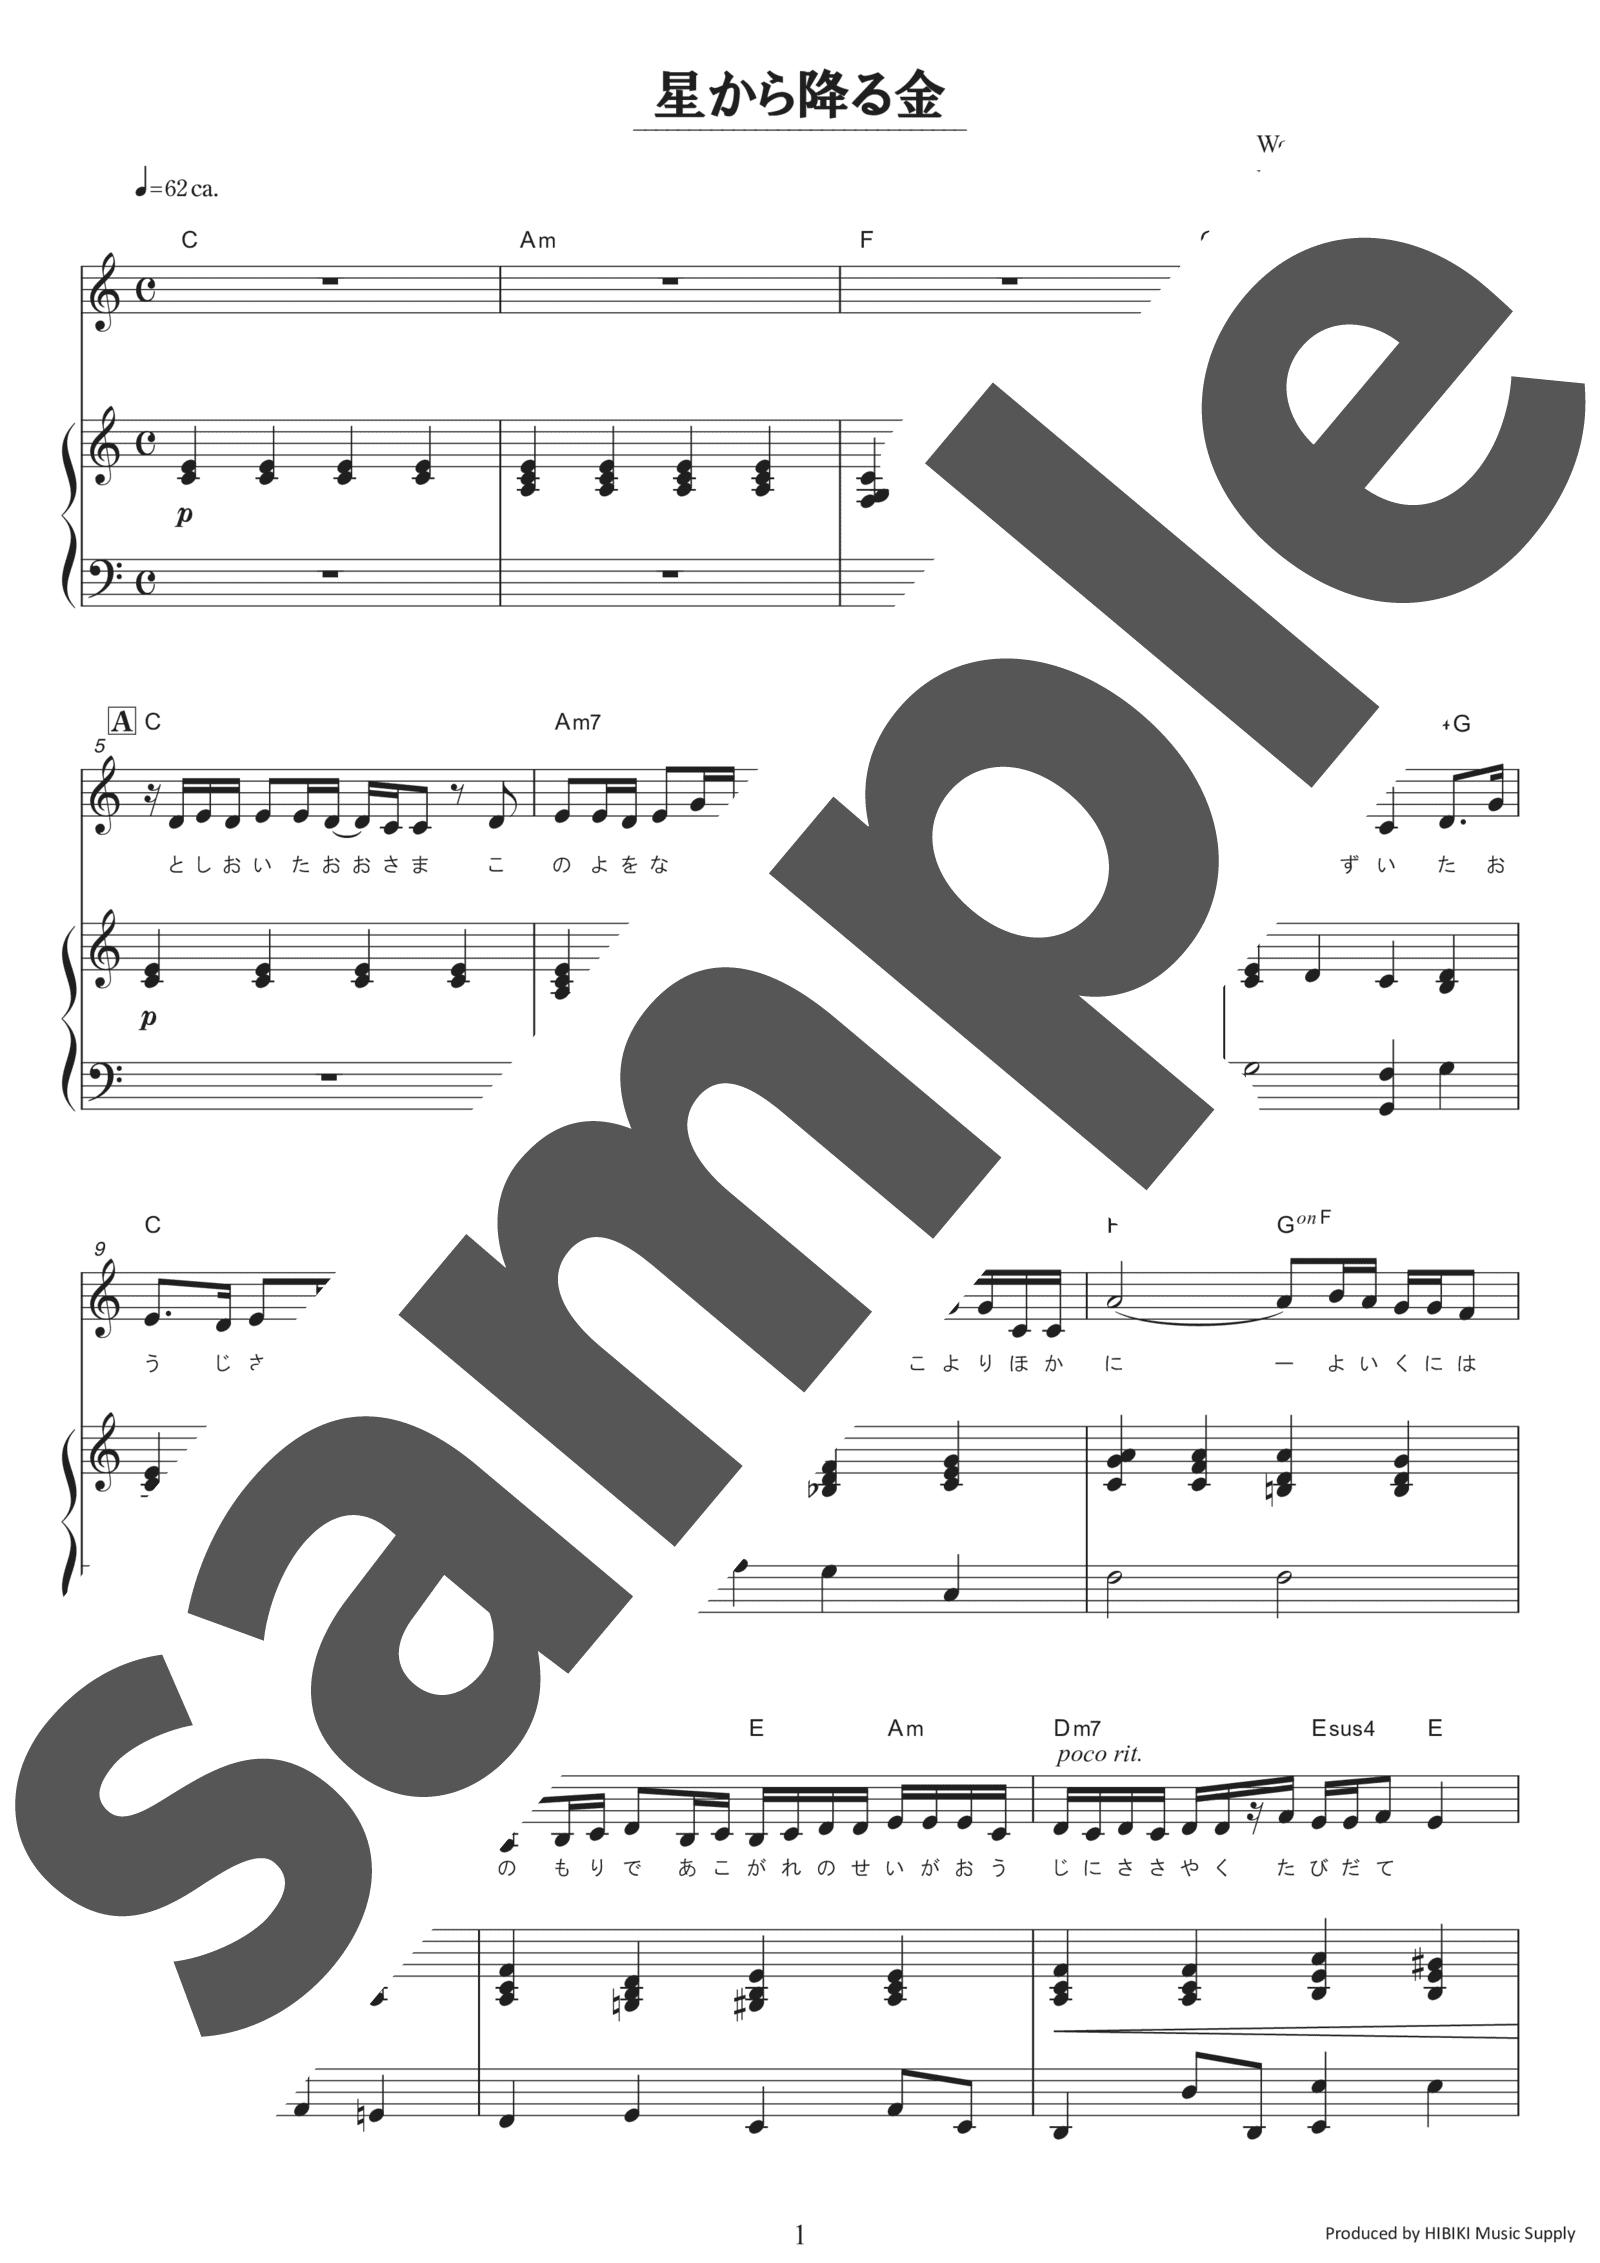 「星から降る金」のサンプル楽譜